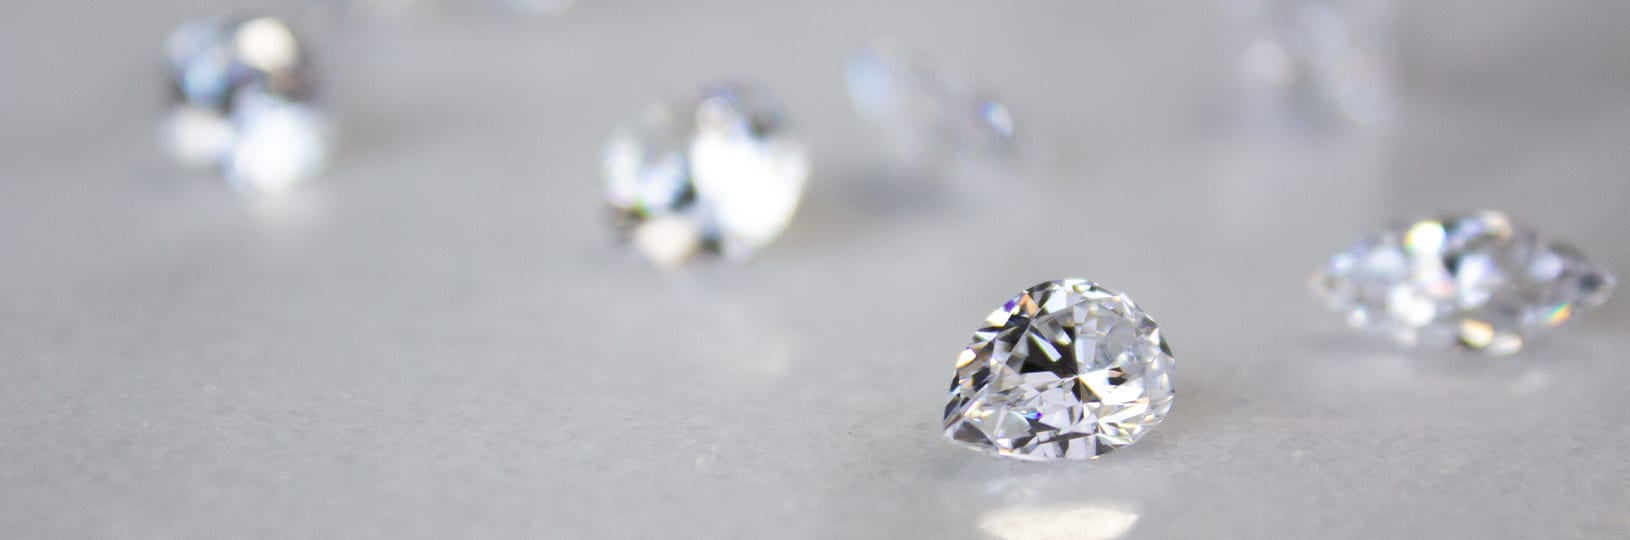 Loose lab created diamond simulants.